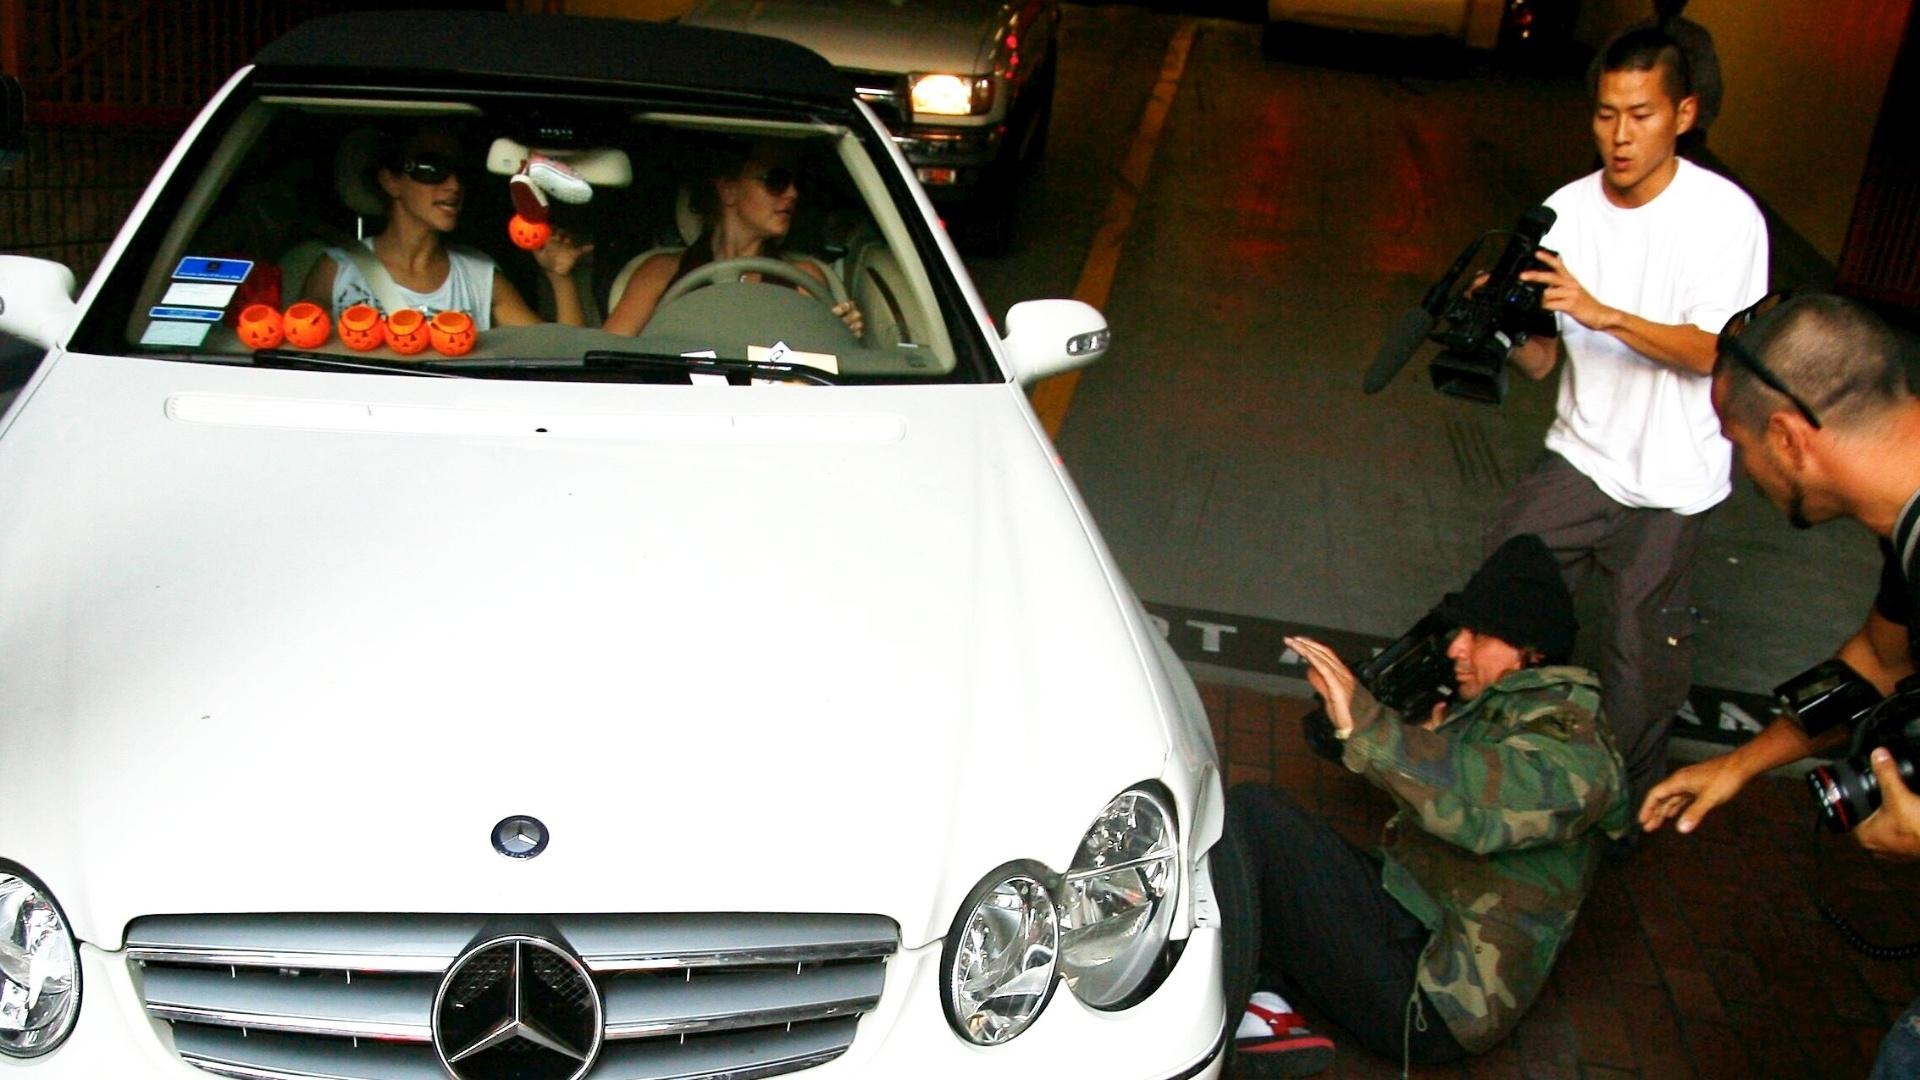 18.out.2007: Britney Spears passa com seu carro por cima do pé de um cinegrafista do TMZ, que se reergueu rapidamente. A cantora ficou assustada e, de acordo com os fotógrafos, começou a chorar